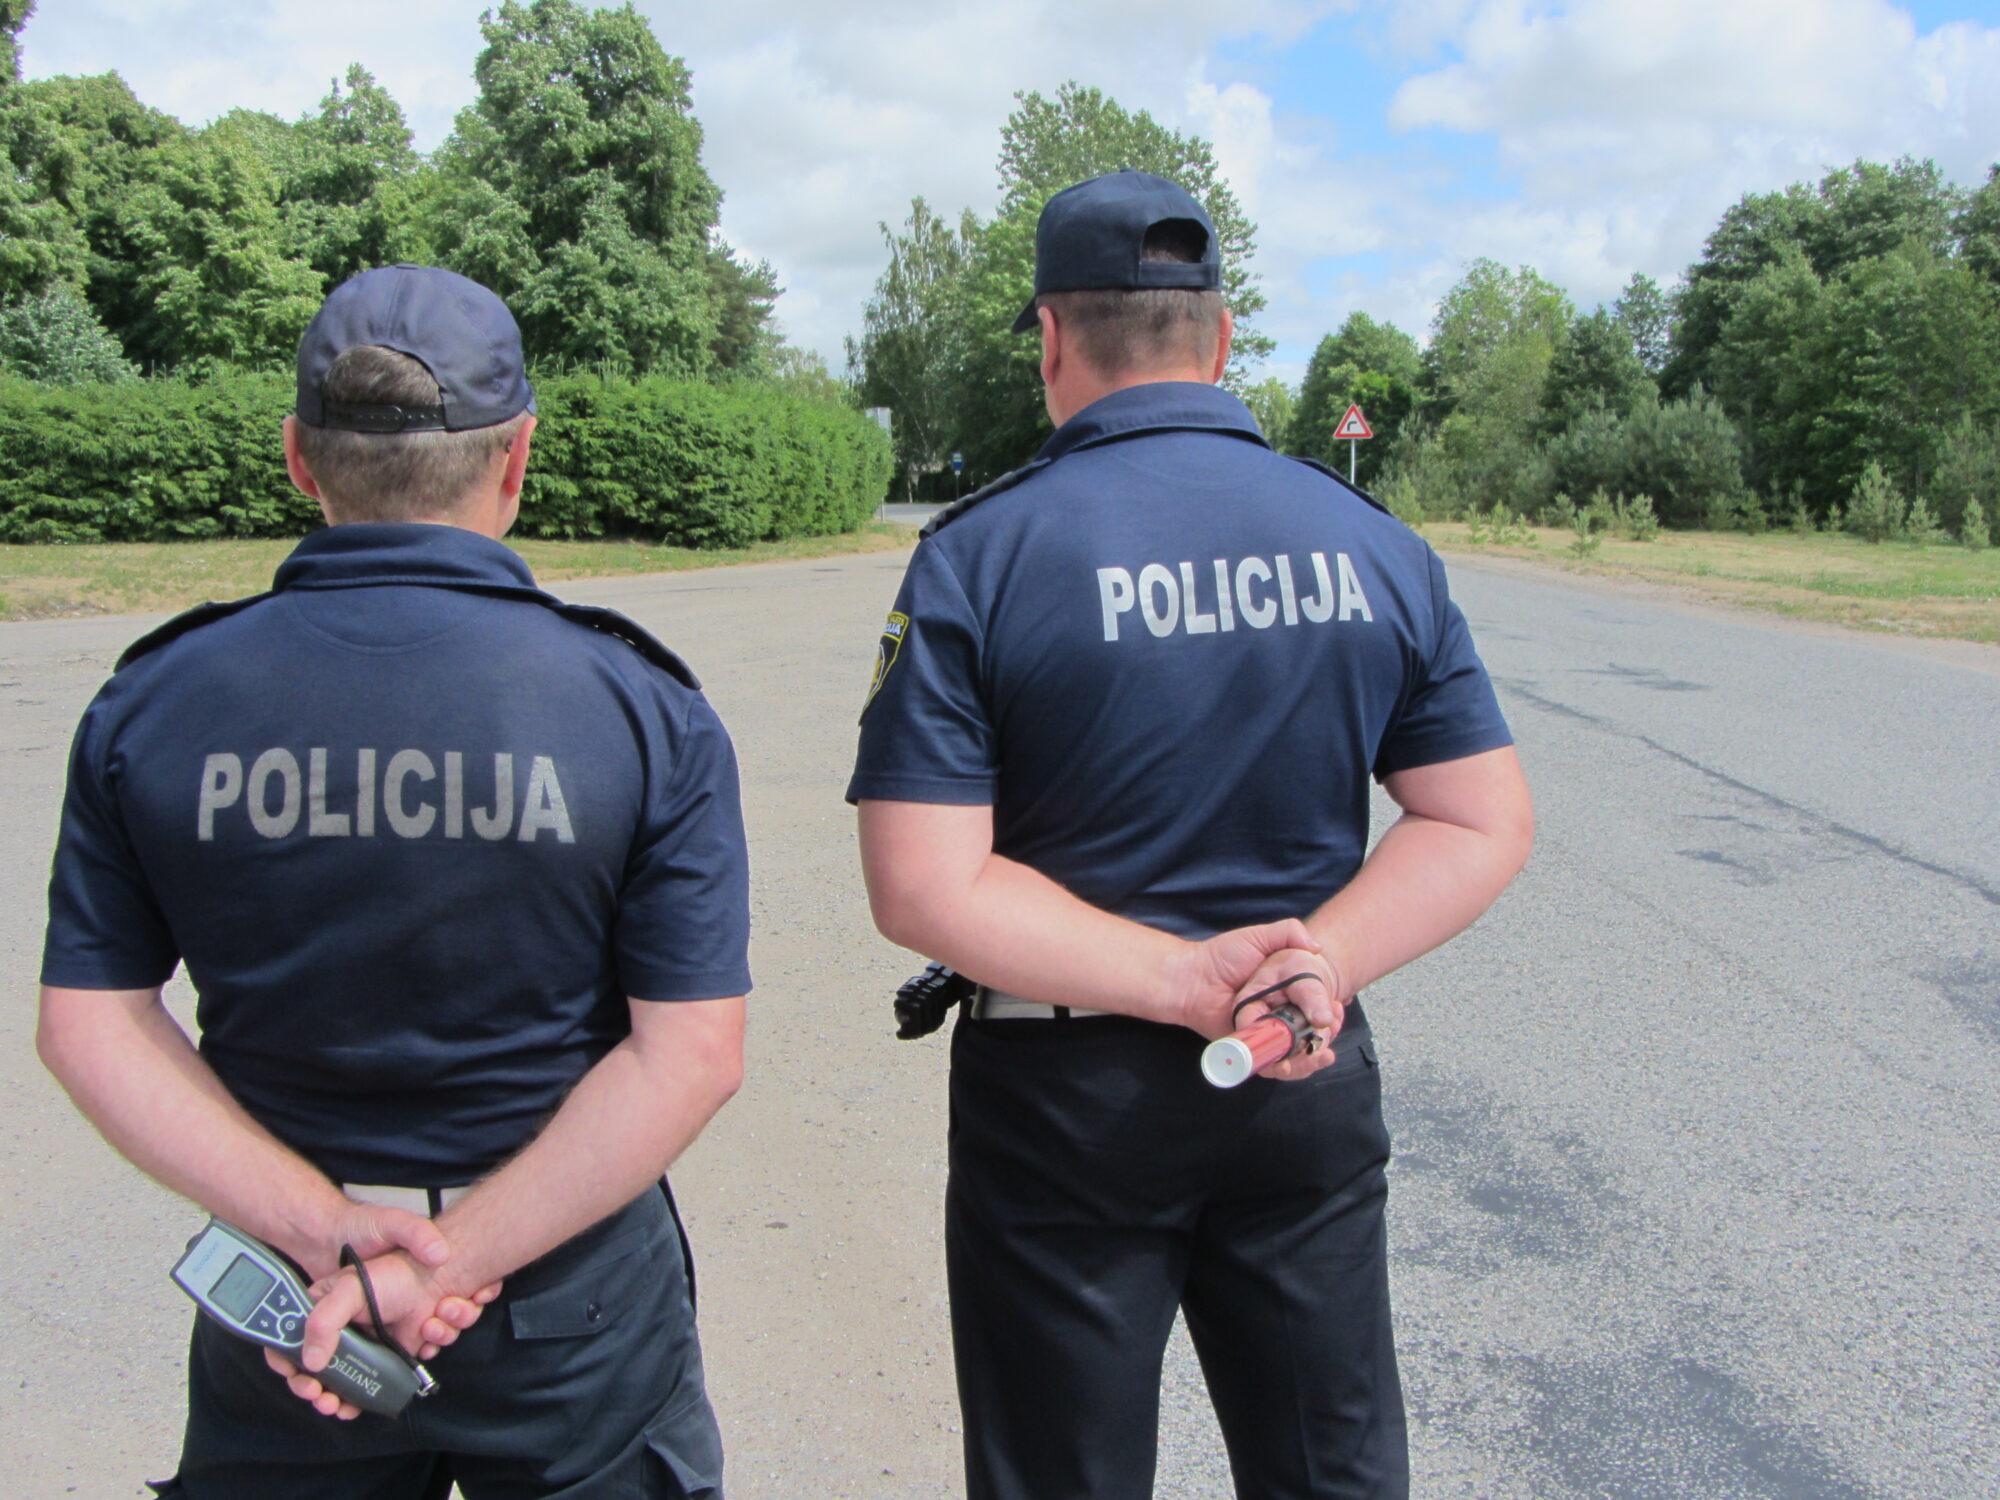 No trešdienas uz ceļiem būs pastiprināta policijas klātbūtne